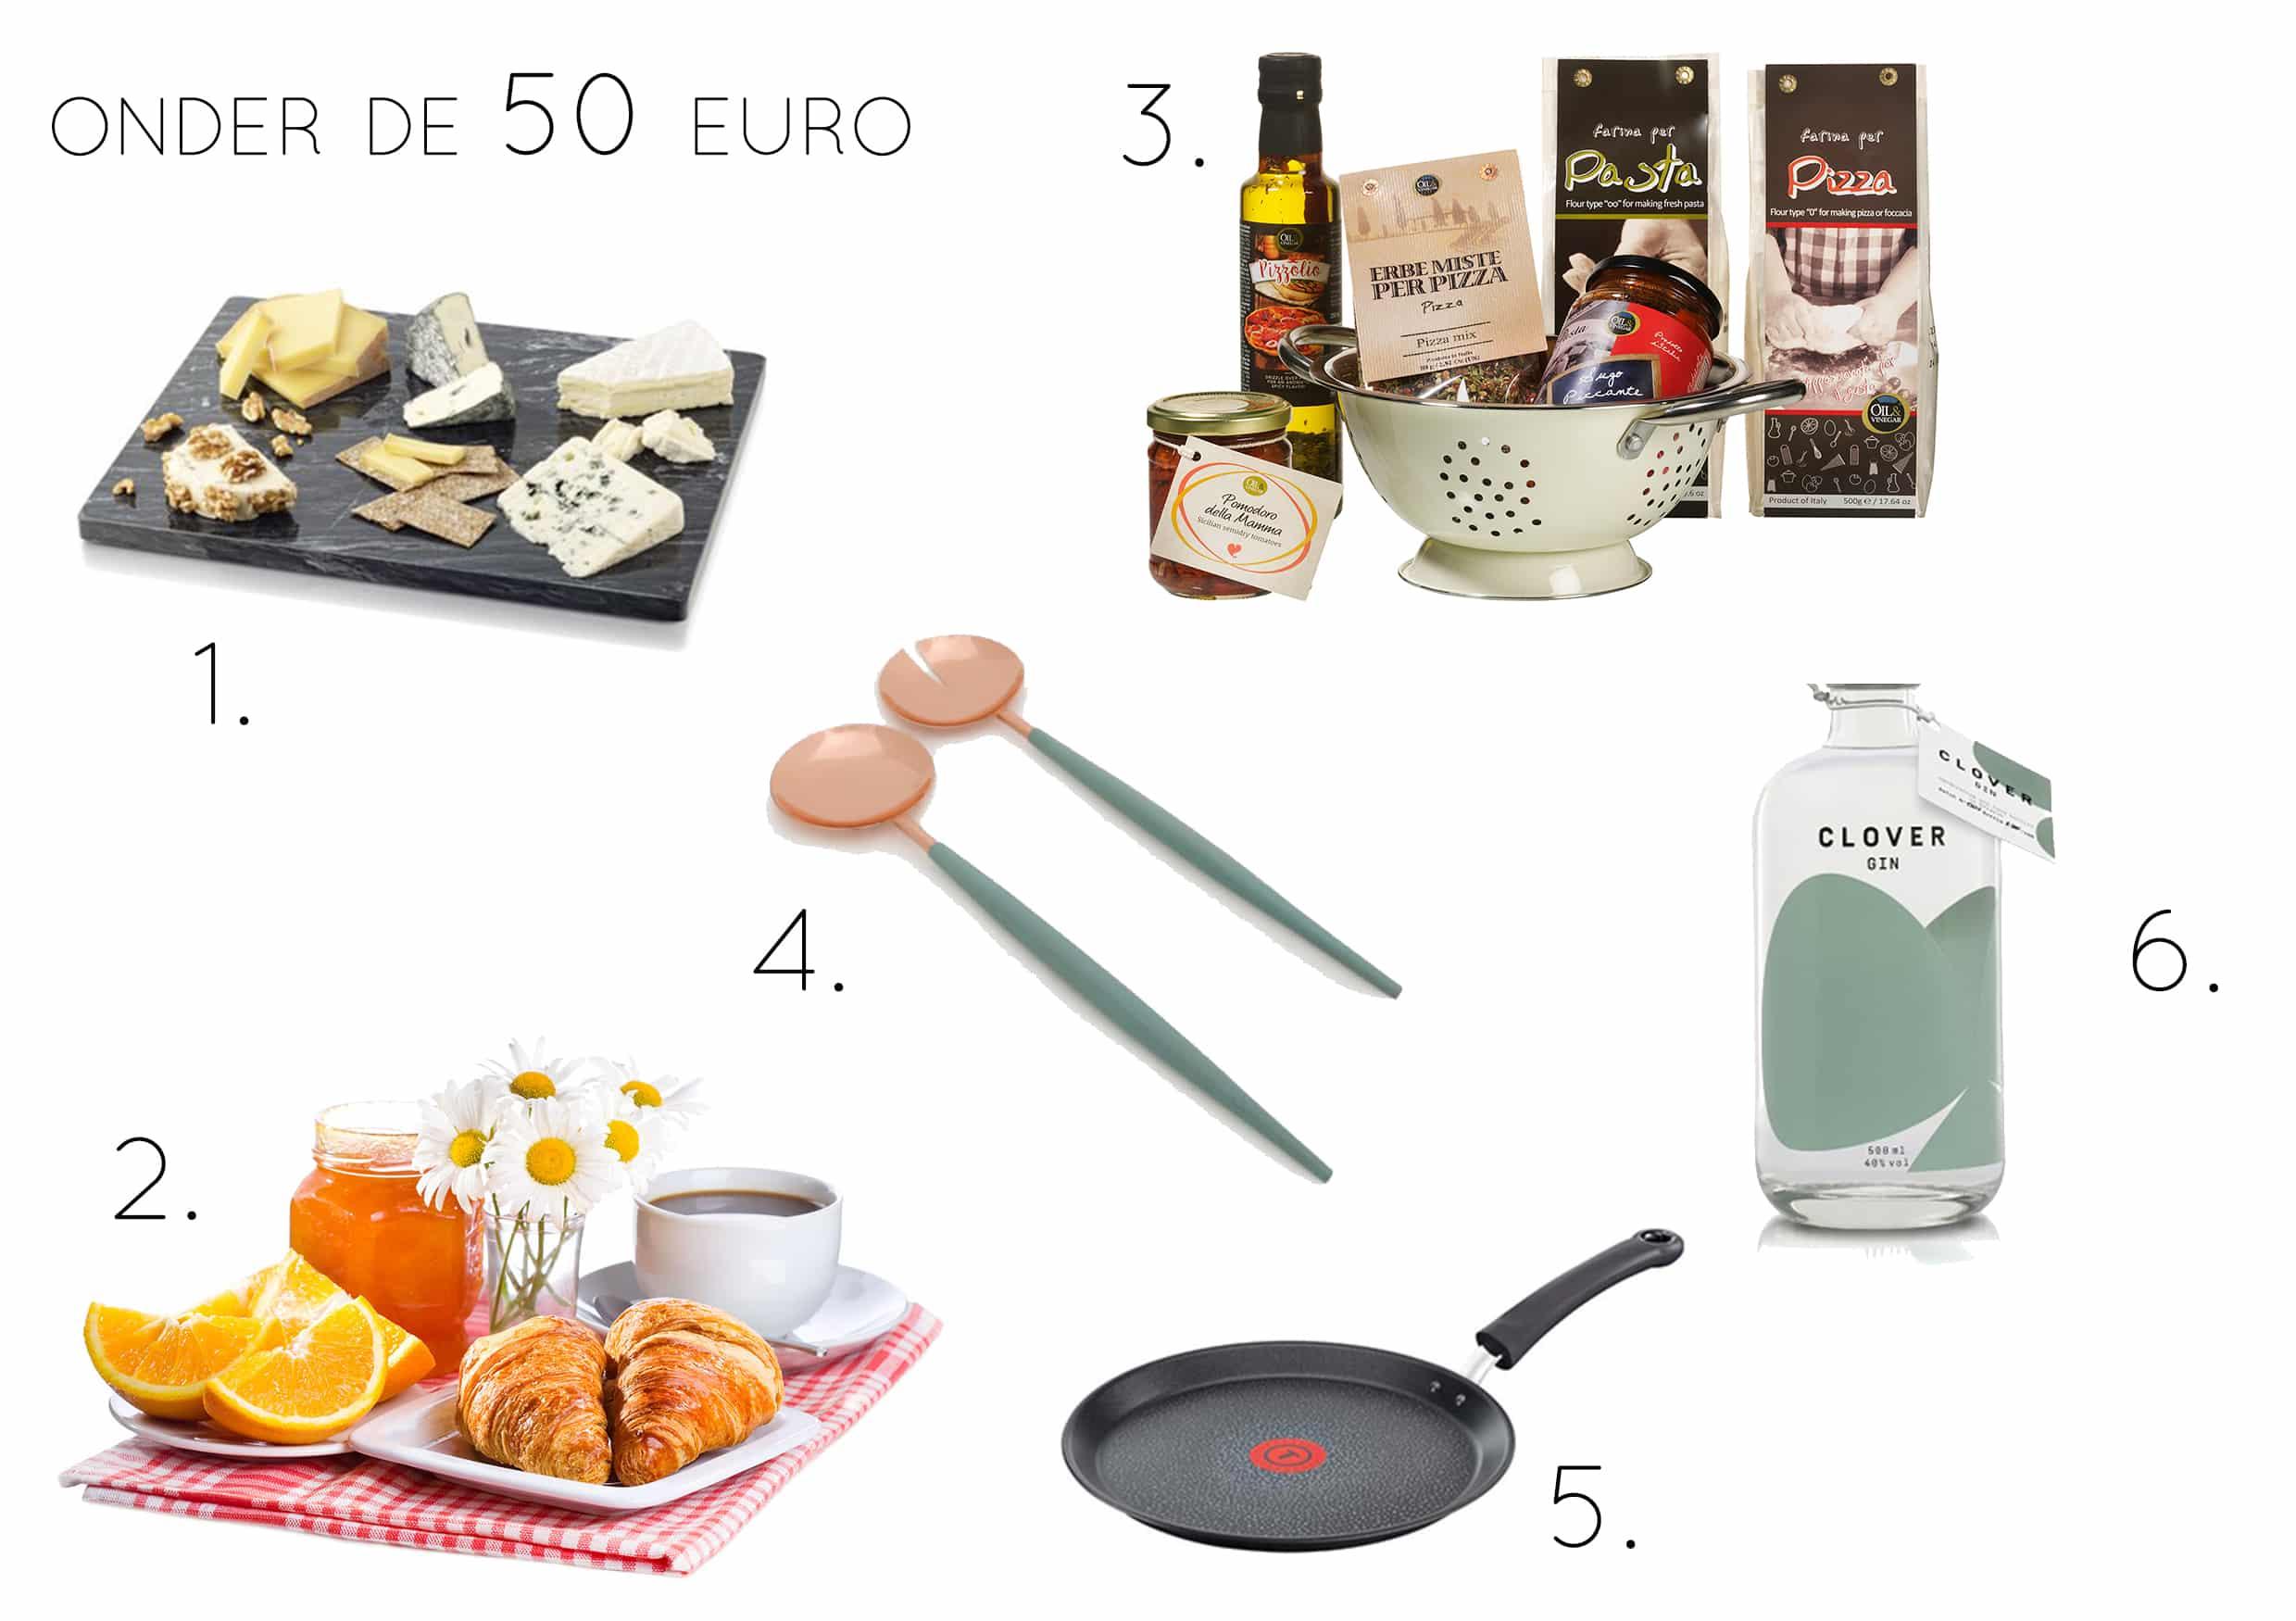 foodie-gift-guide-onder-50